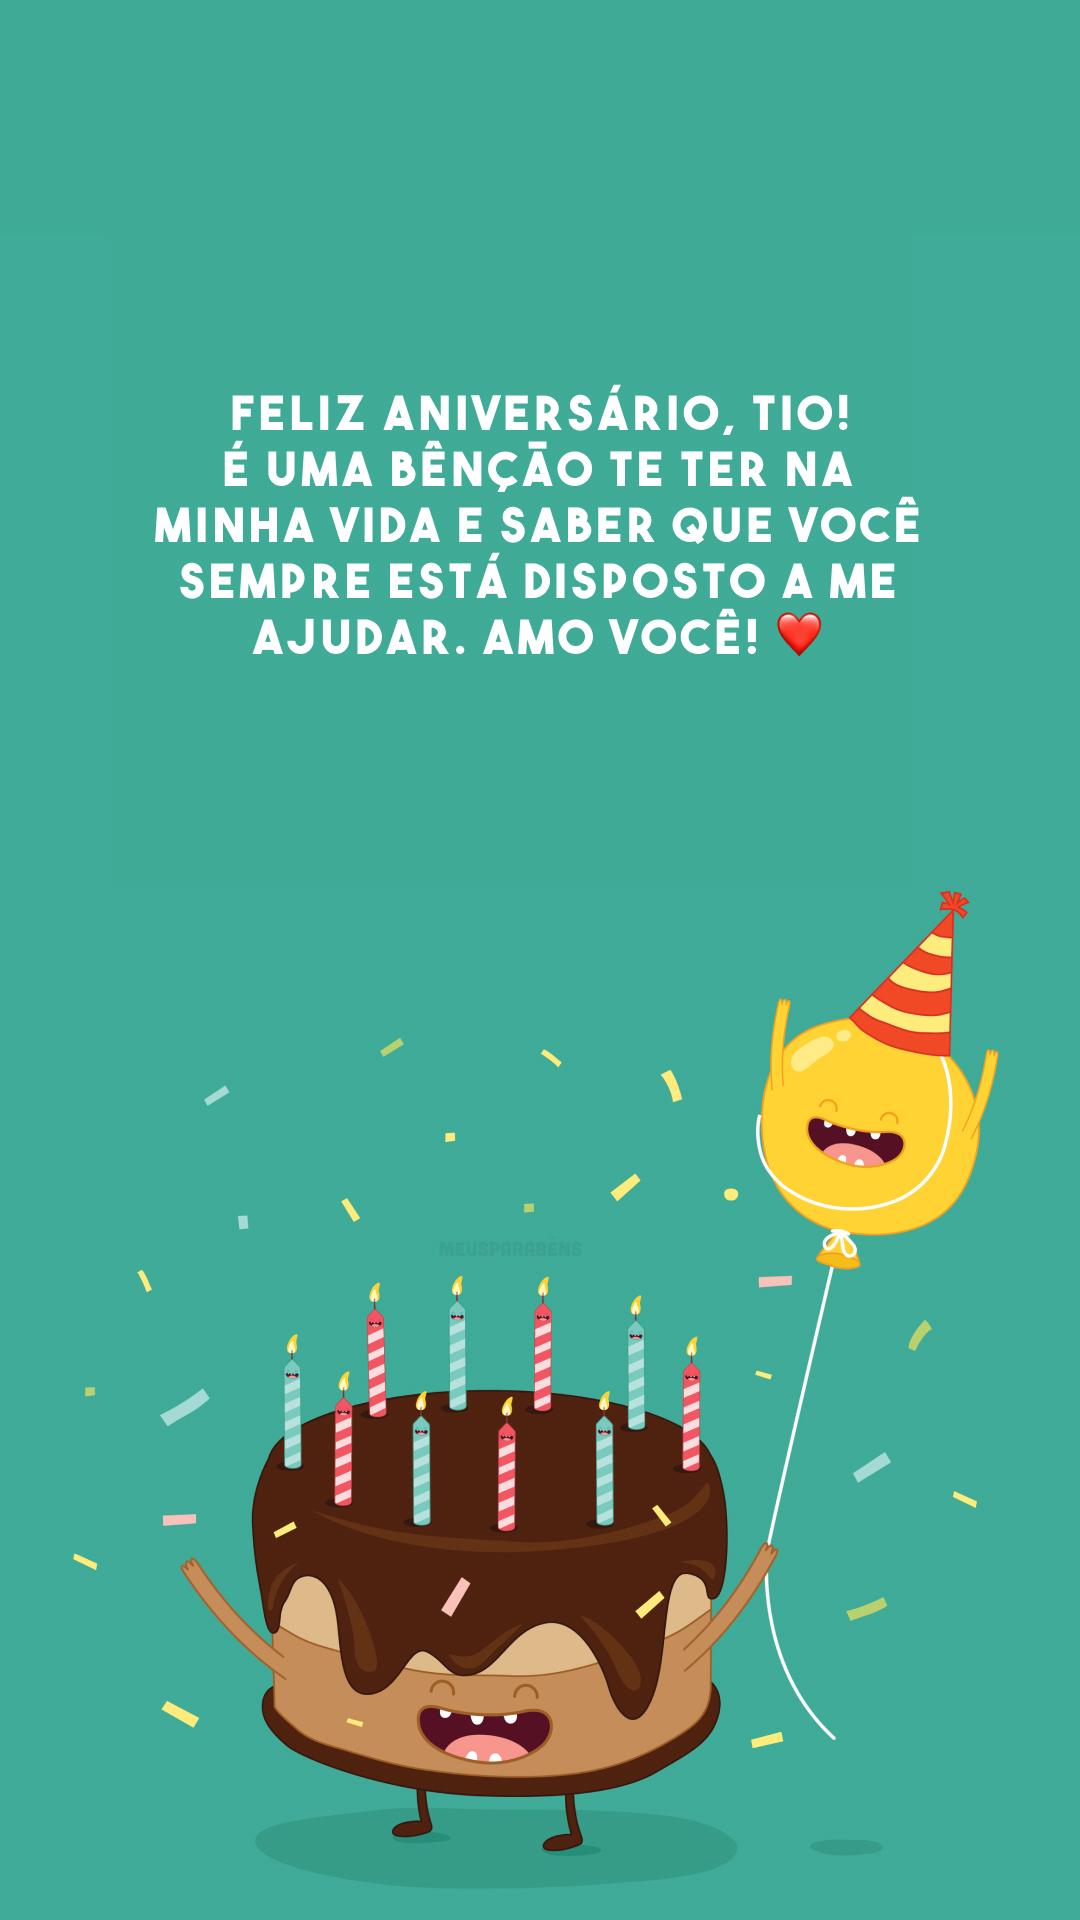 Feliz aniversário, tio! É uma bênção te ter na minha vida e saber que você sempre está disposto a me ajudar. Amo você! ❤️